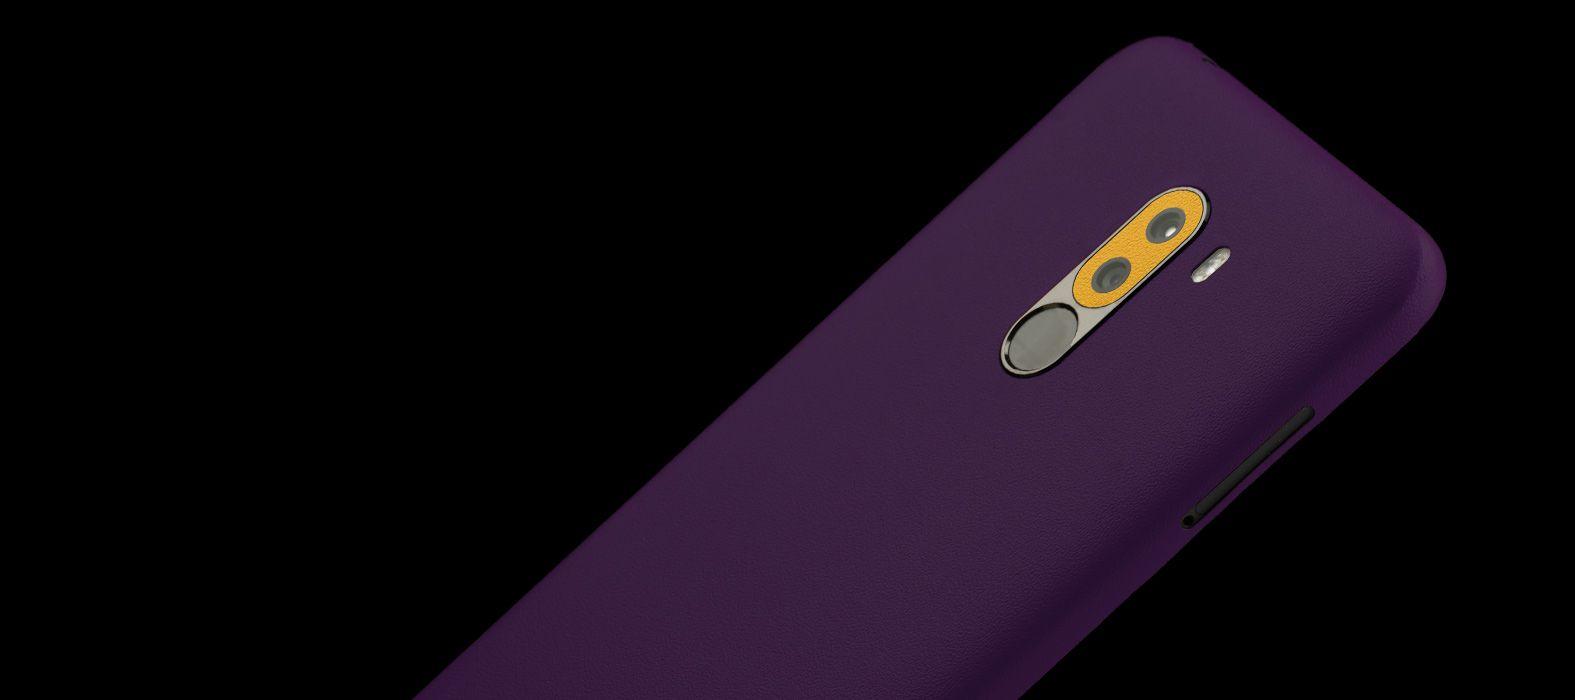 Poco-F1s_Purple-Sandstone_Skins